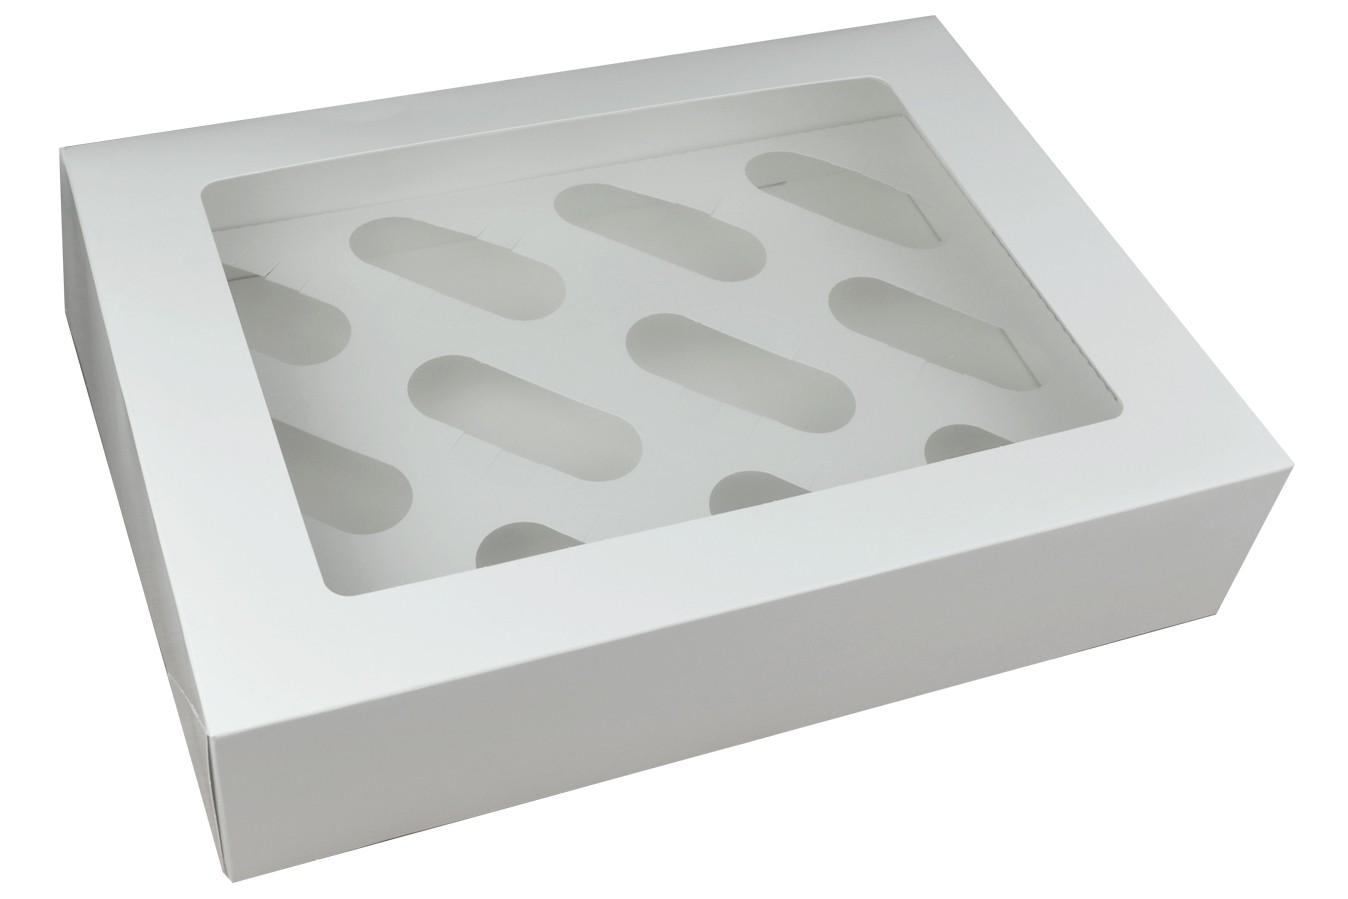 Boîte pour 12 cupcakes - Blanc - Lot de 3